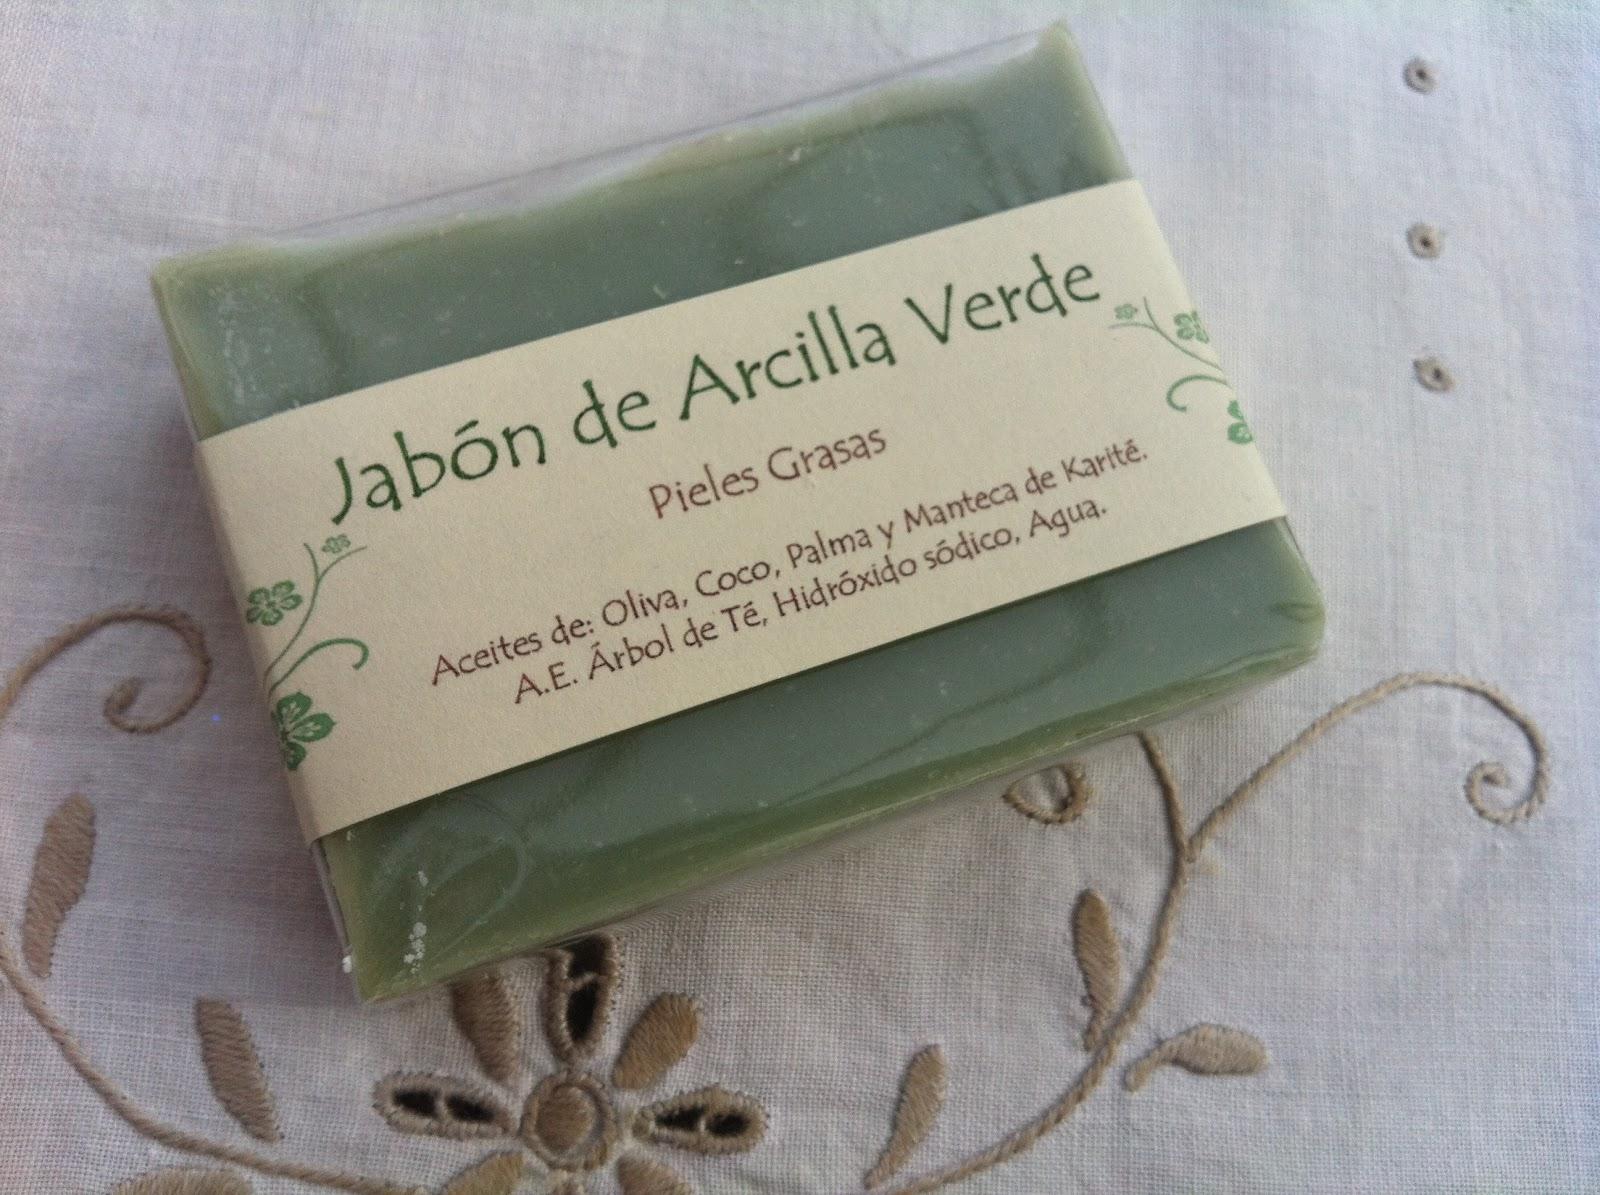 Baño De Arcilla Verde:jabón, pensado para todas aquellas personas que tienen la piel con